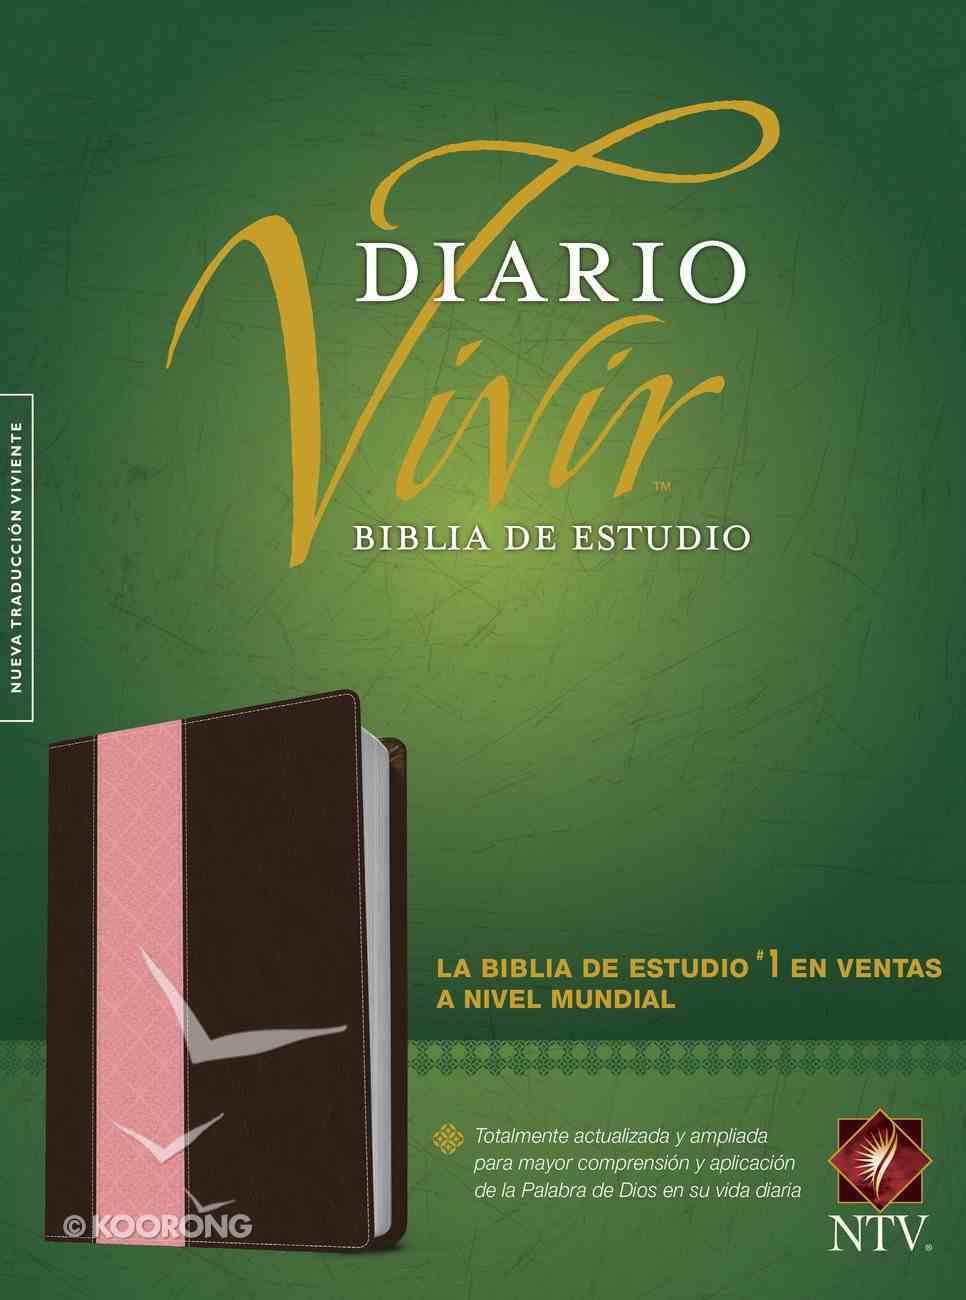 Ntv Biblia De Estudio Del Diario Vivir Indexed Pink/Brown (Red Letter Edition) Imitation Leather